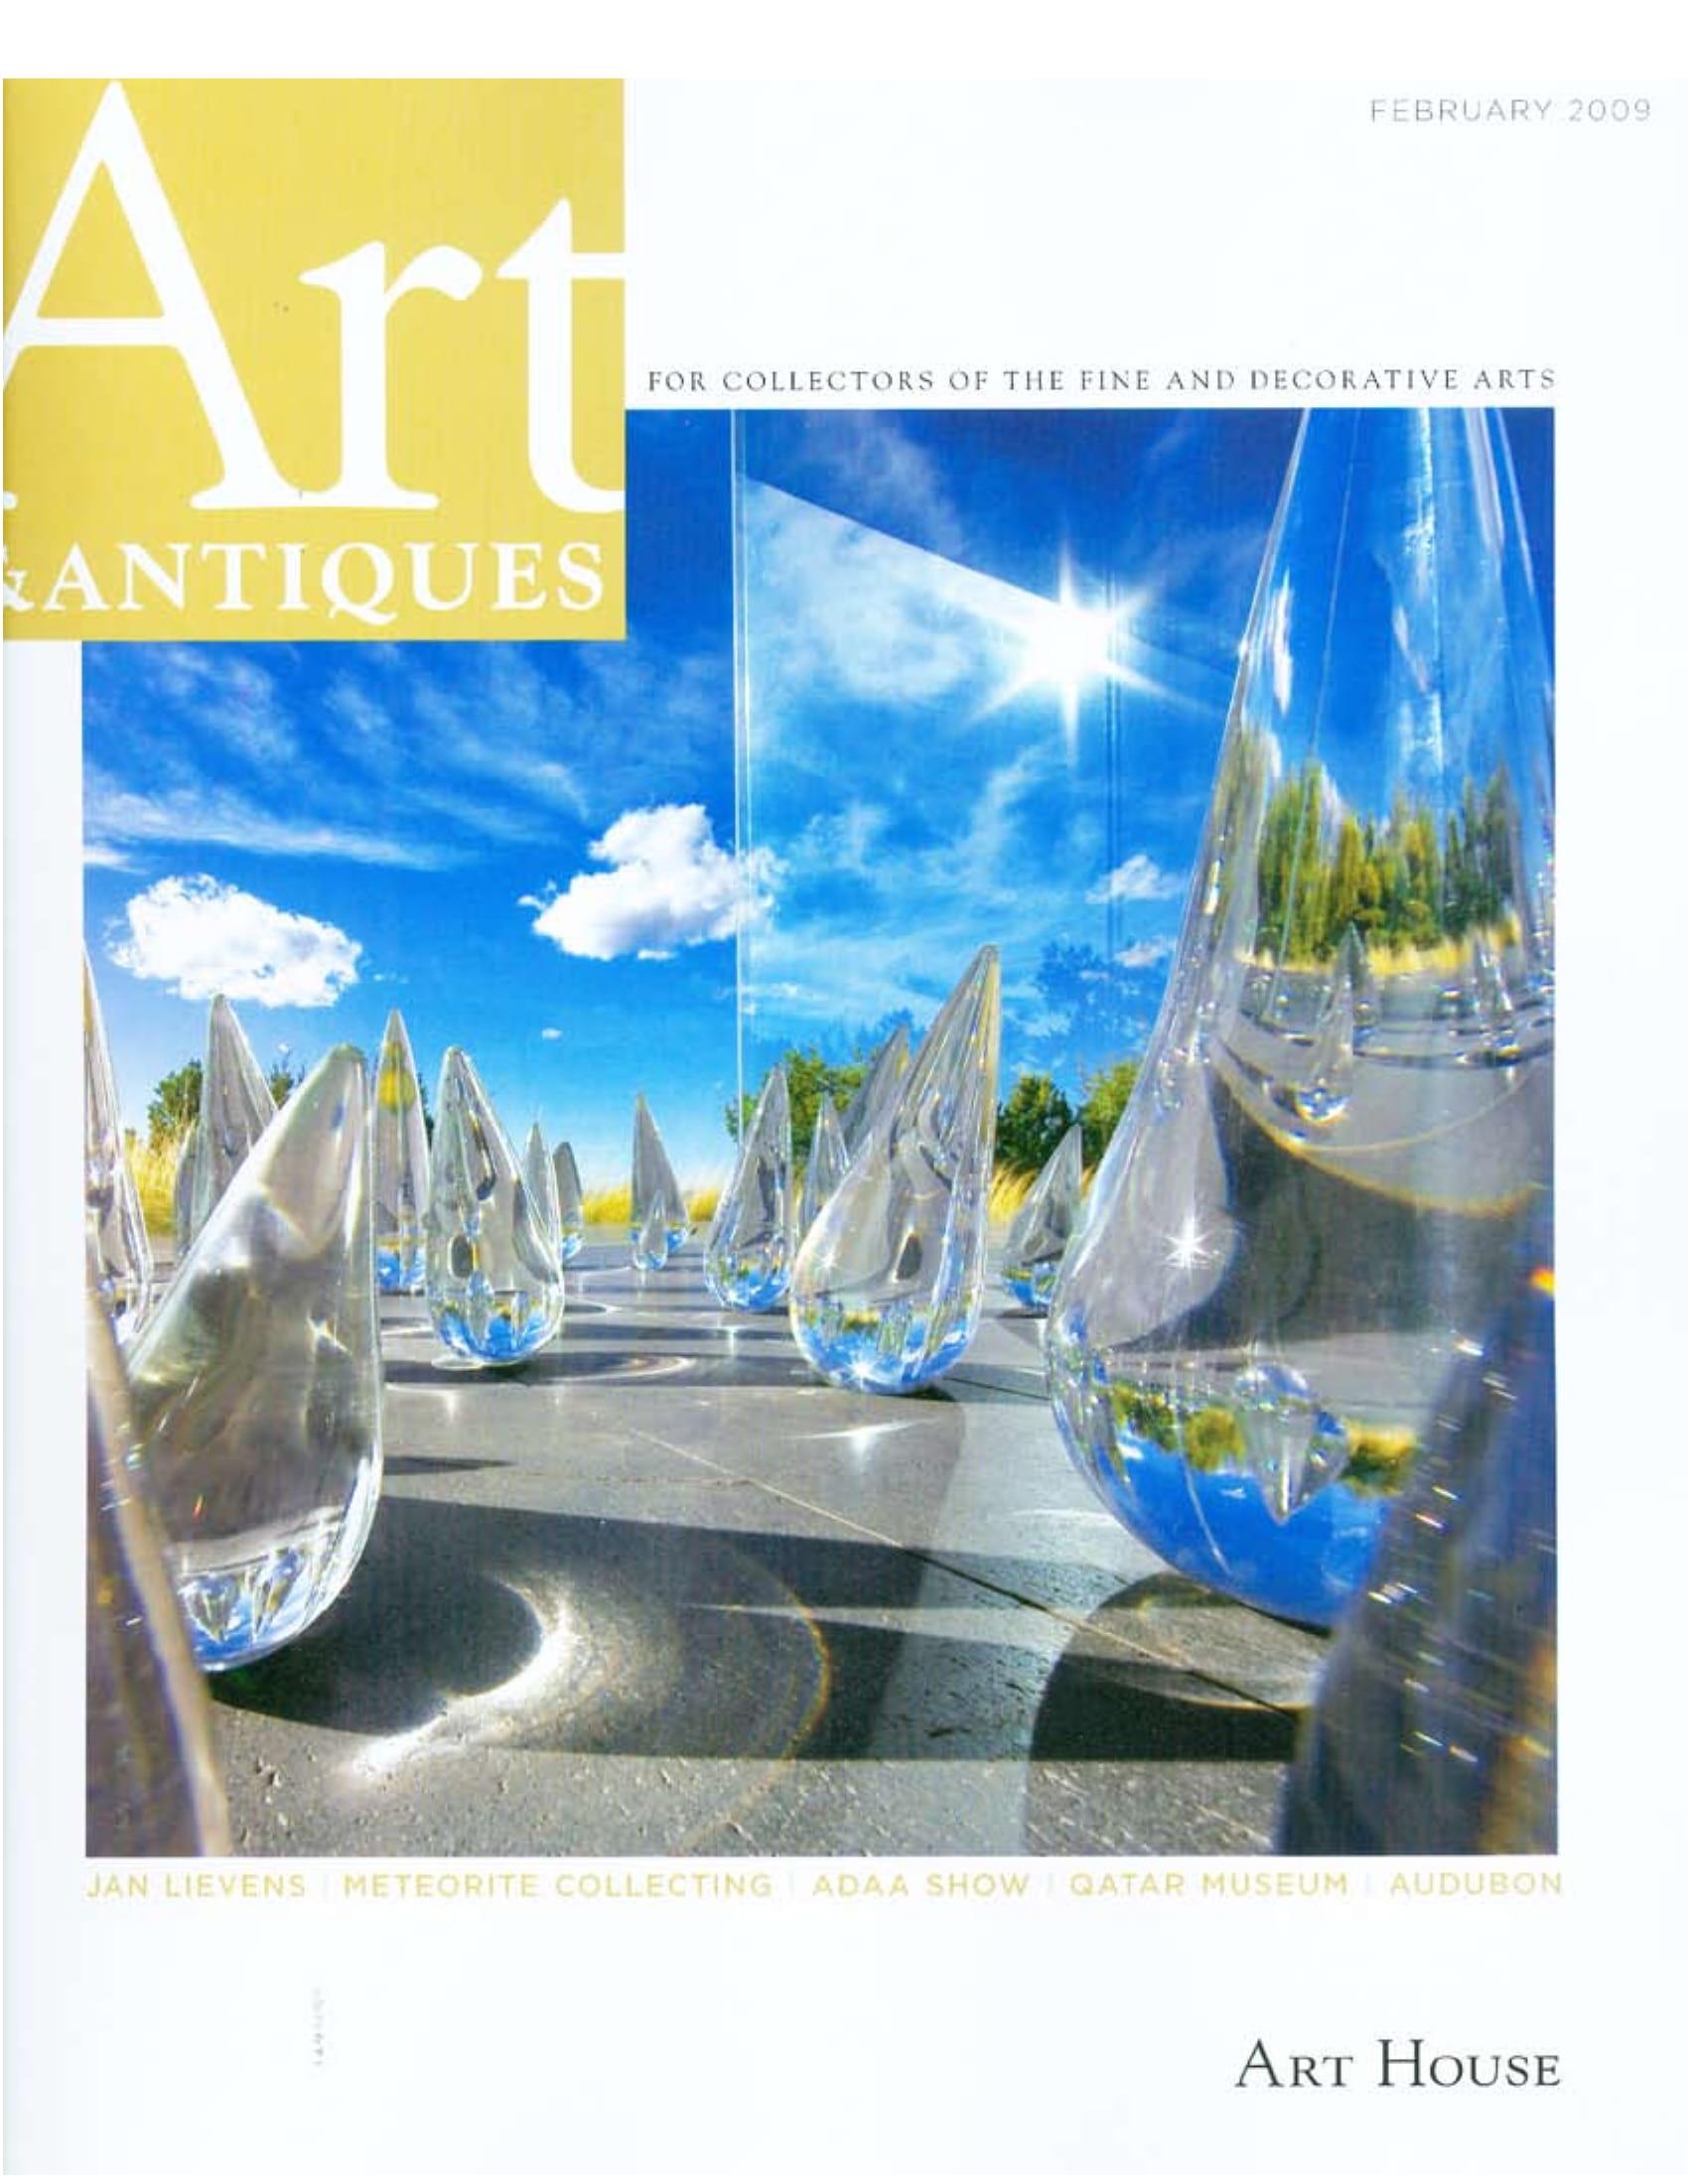 DuBois+Santa+Fe+Art+&+Antiques-01.jpg